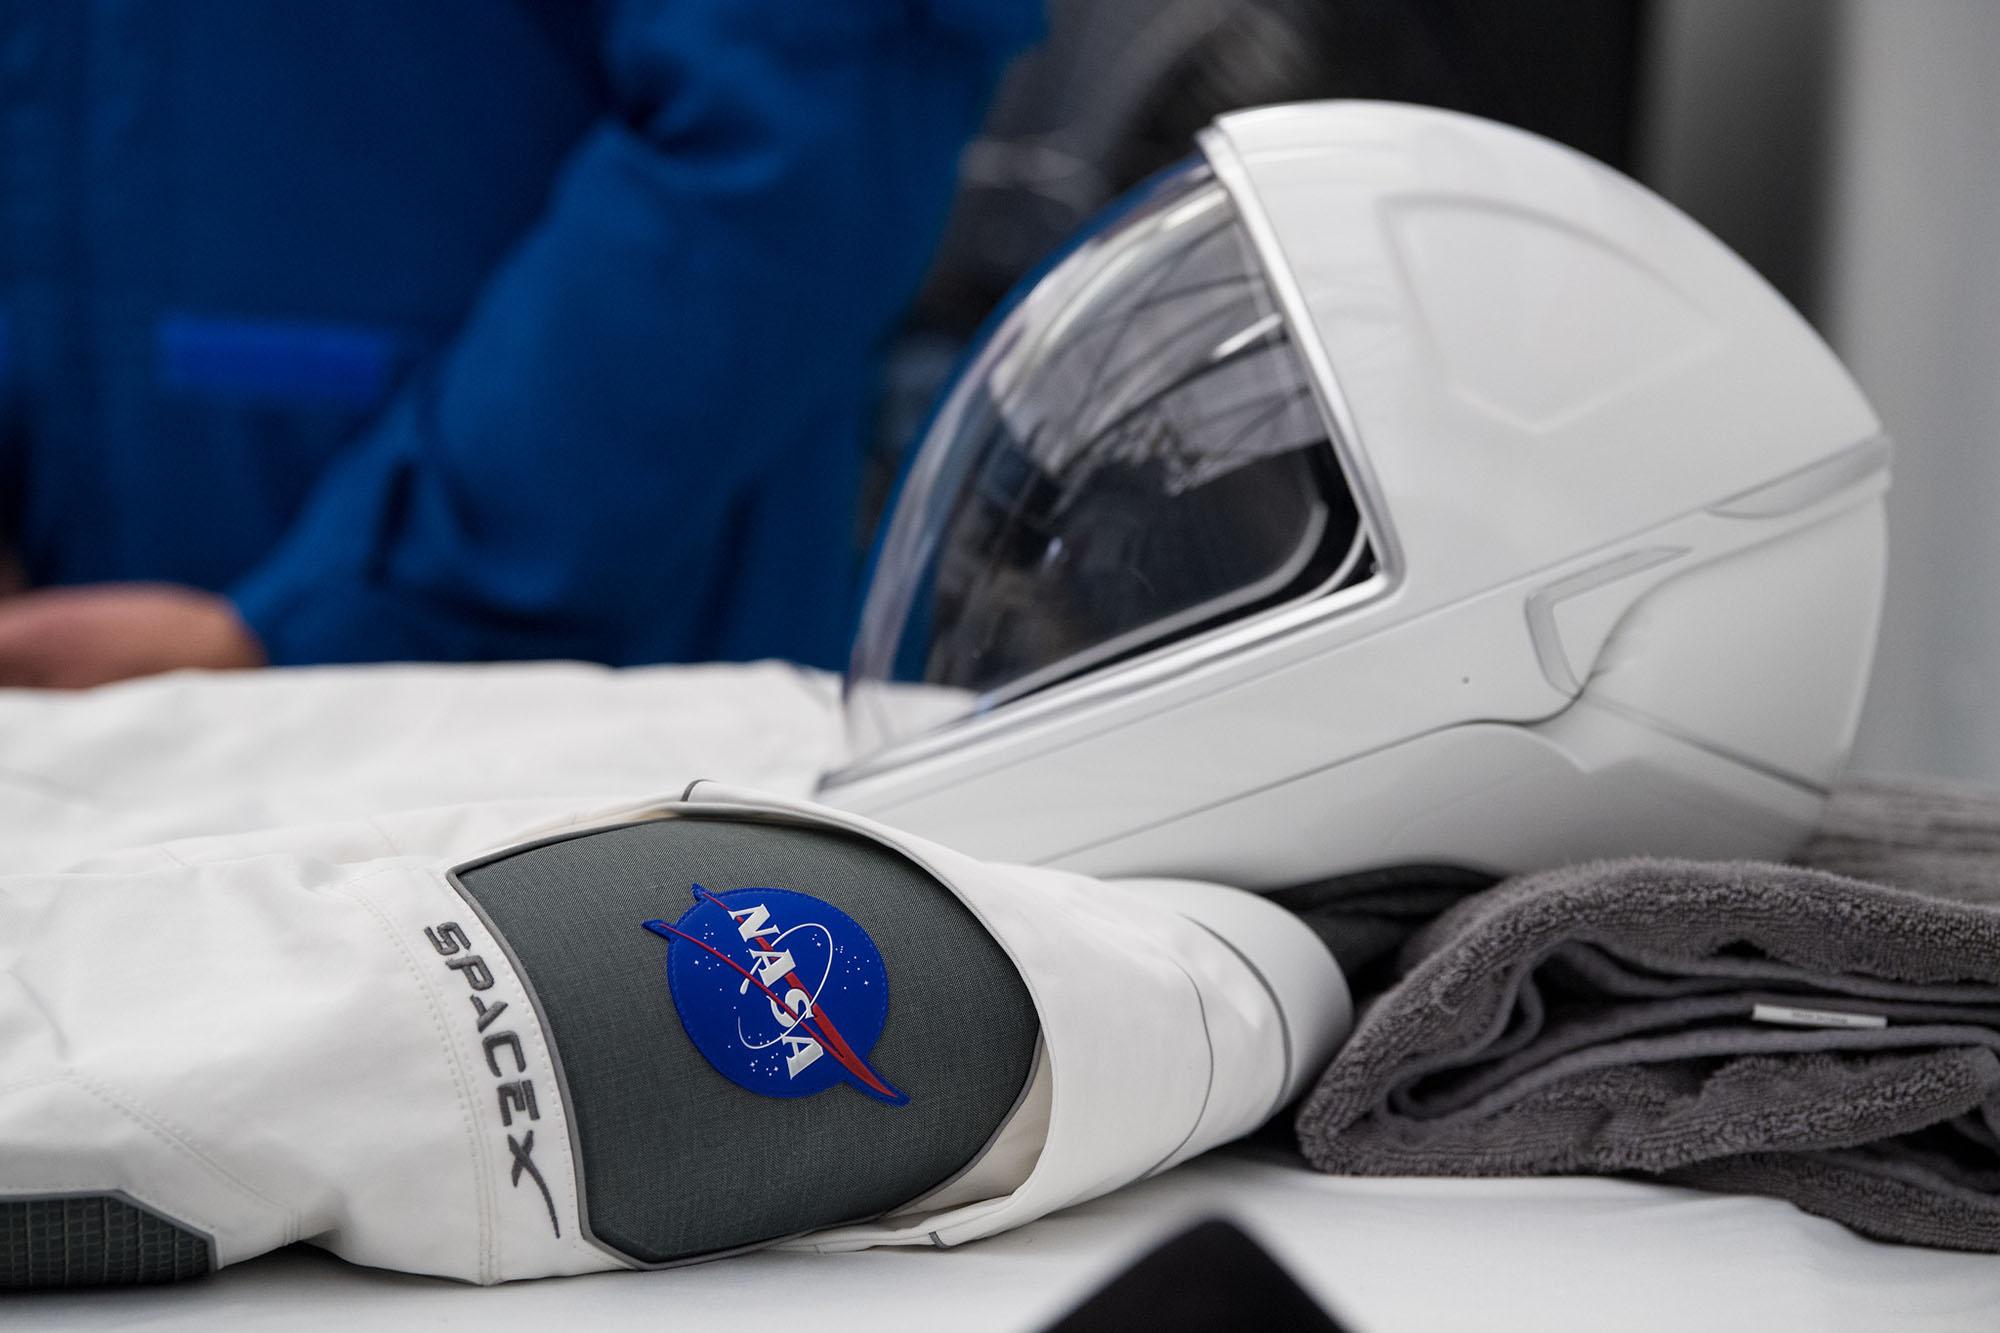 La Nasa juge que SpaceX pourrait transporter des astronautes vers l'ISS dès le début 2020